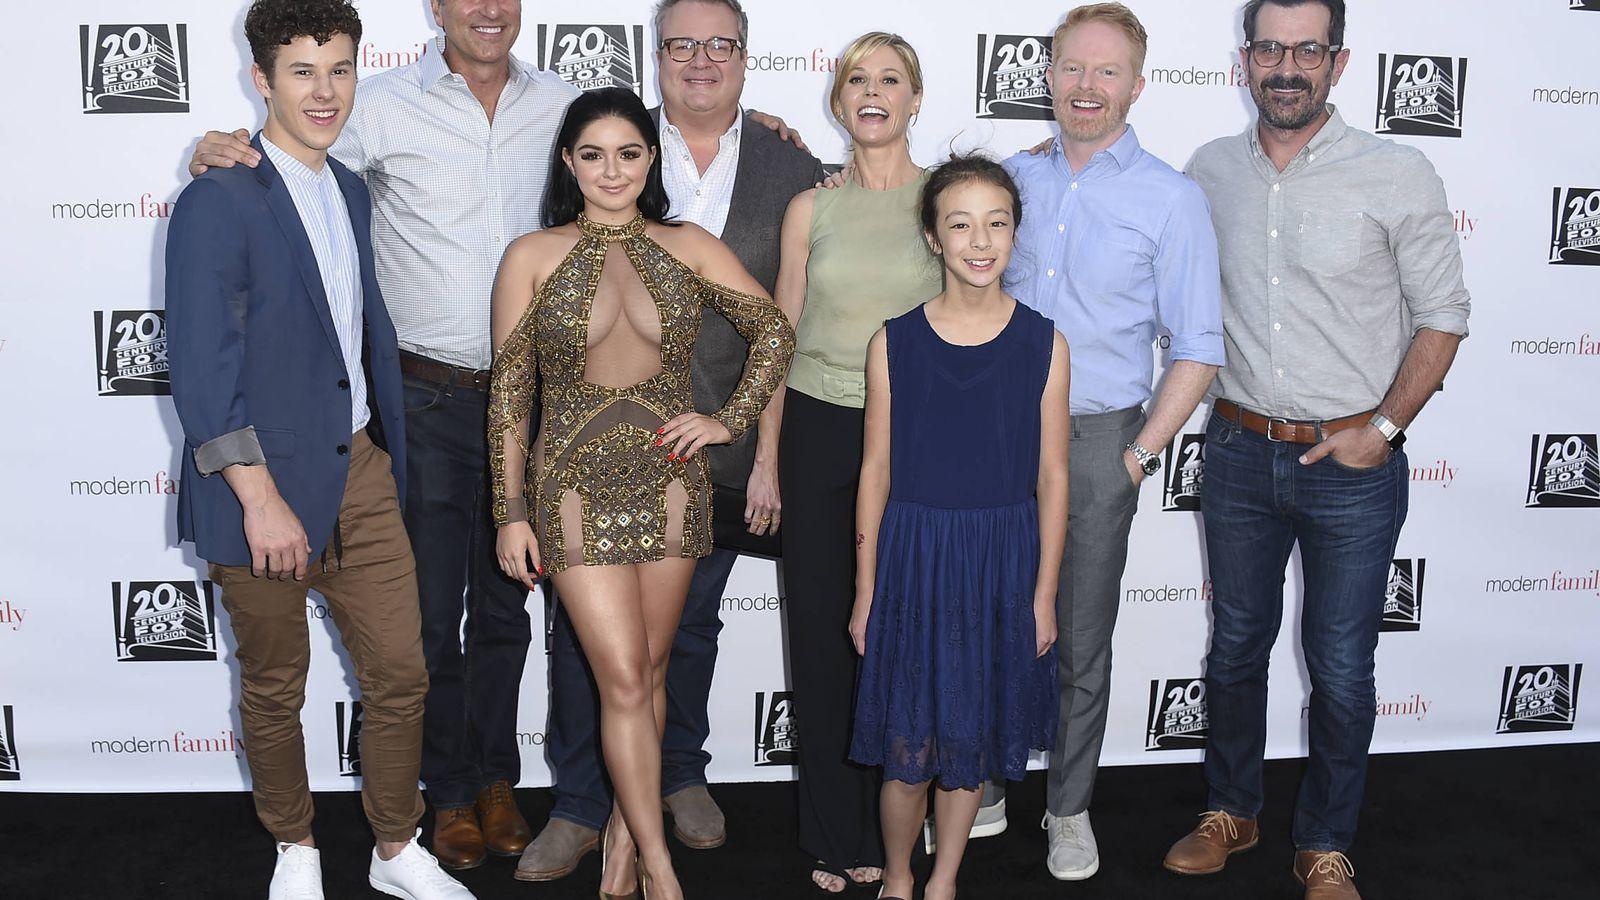 Foto: Parte del elenco de 'Modenr family'. (Gtres)